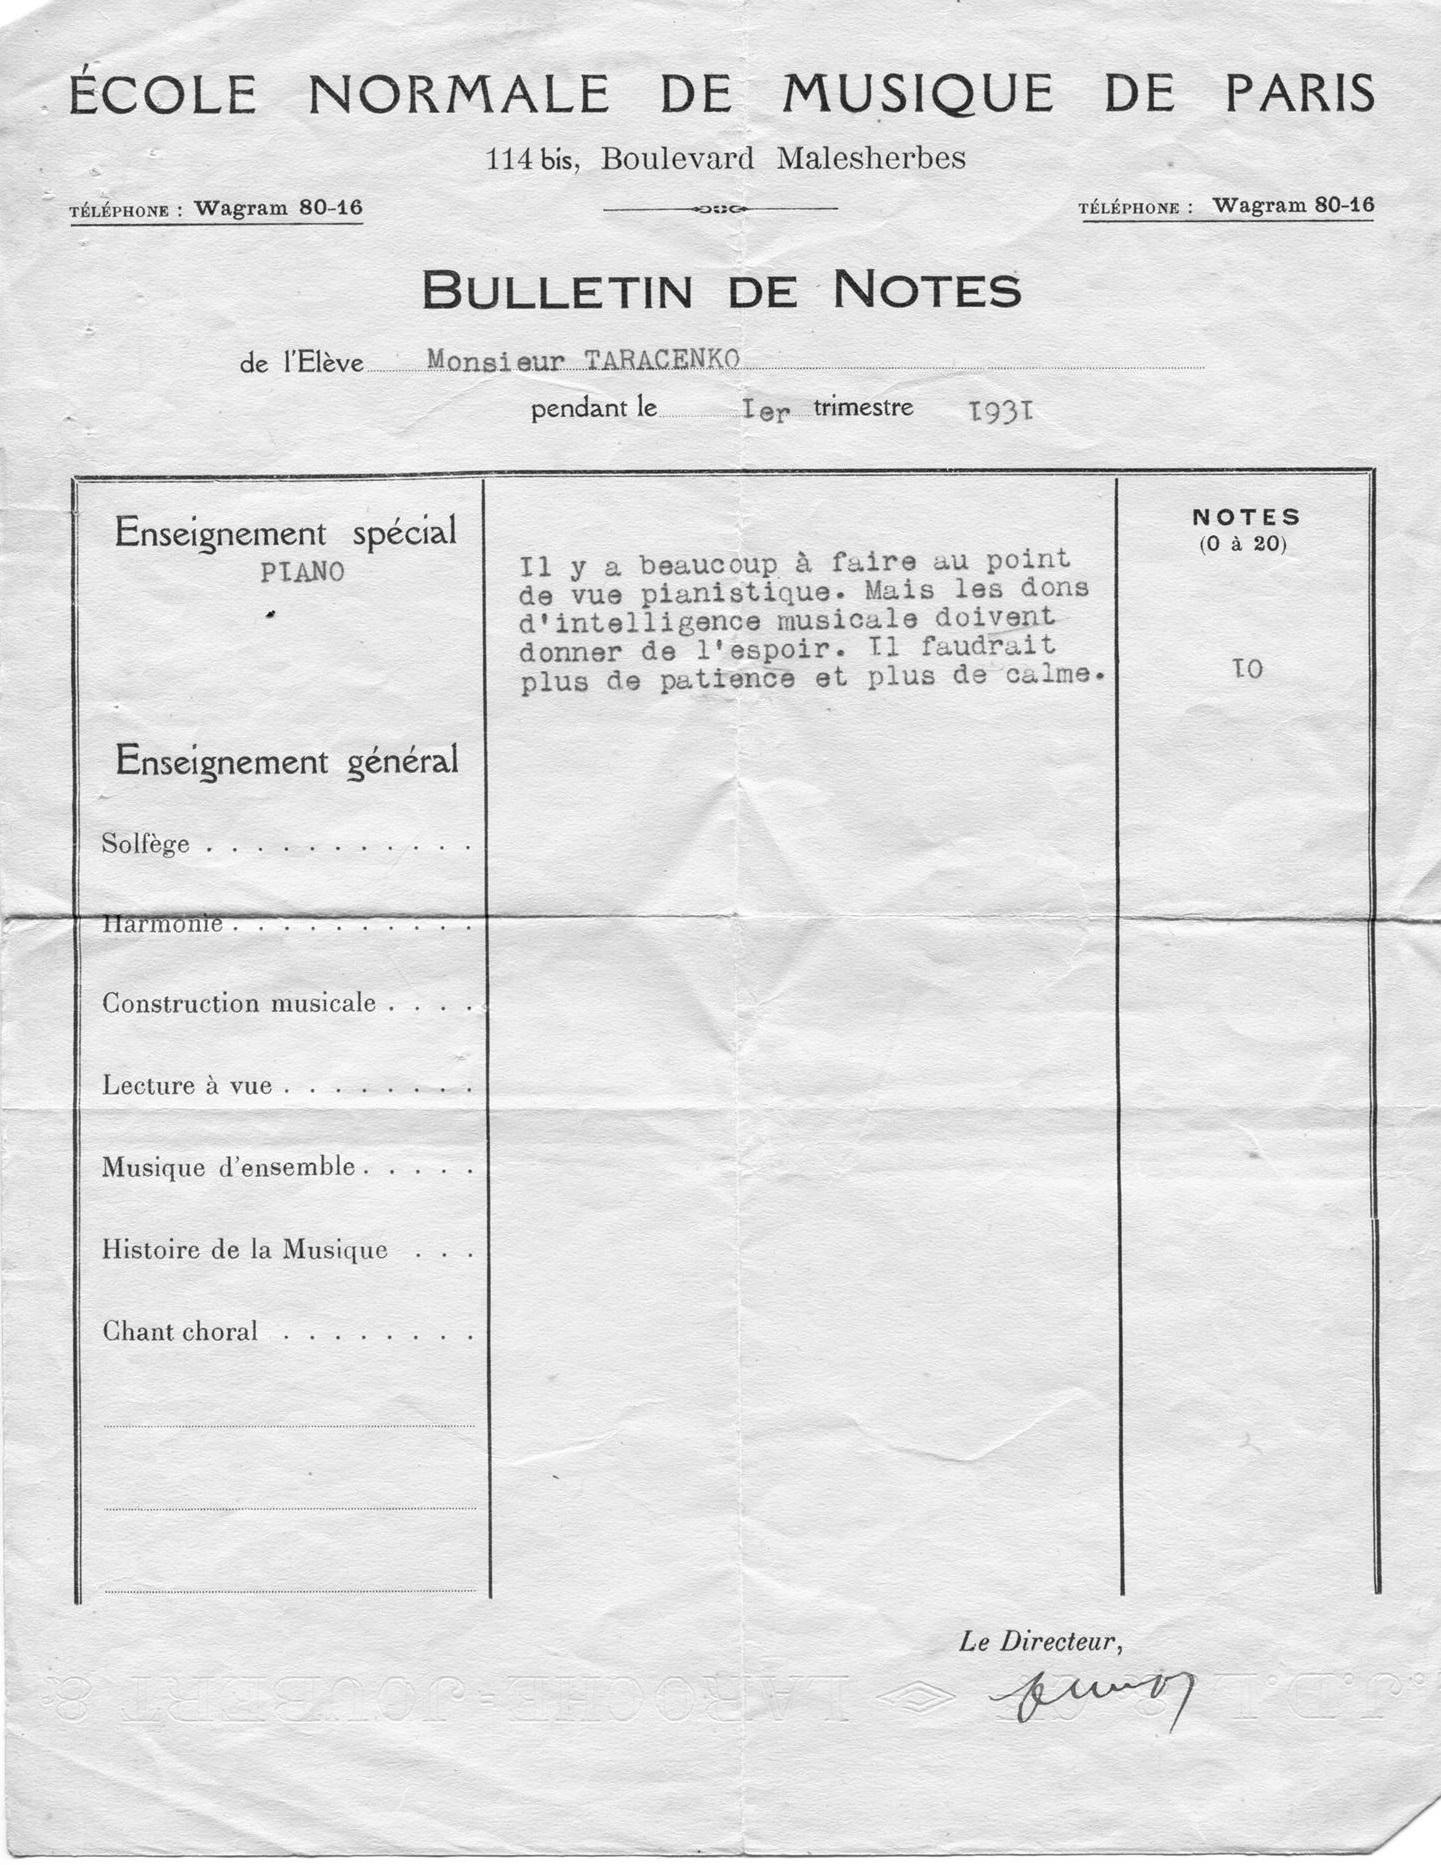 Табель успеваемости за I триместр в  École Normale de Musique/ Париж, 1931 / Из семейного архива Вадима Рогалина